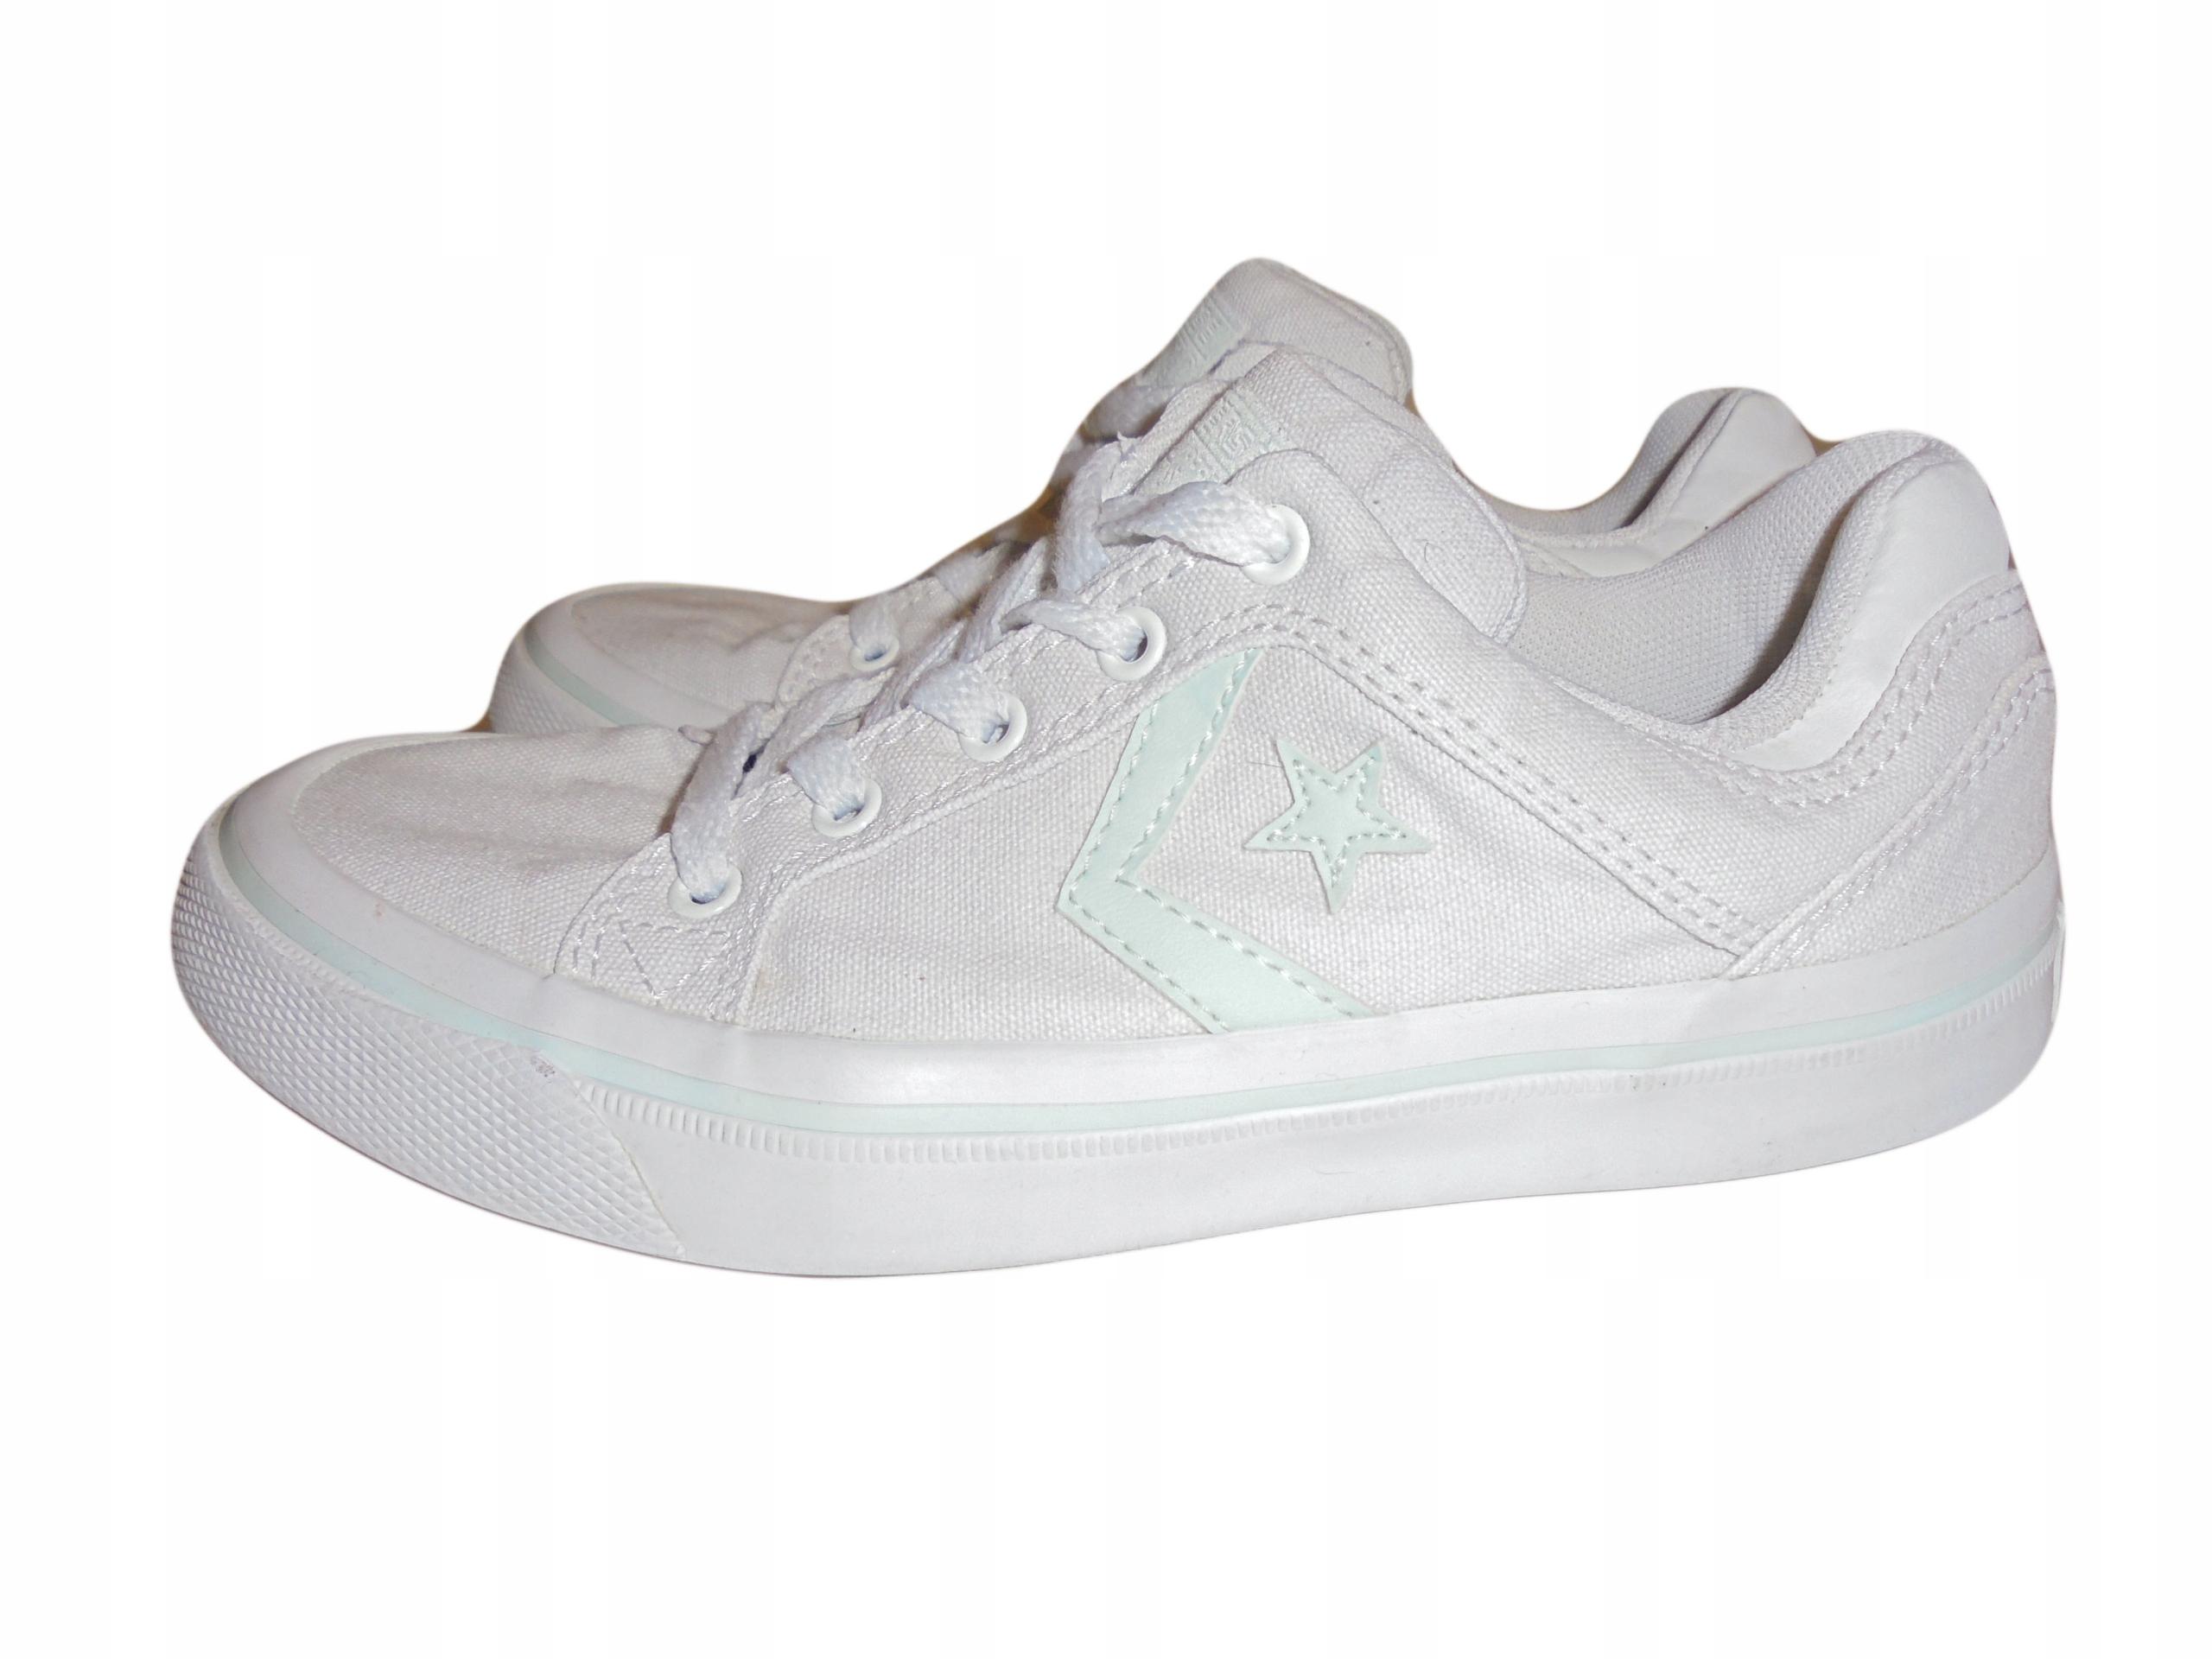 Białe tampki Converse, Stan idealny. Rozmiar 37.